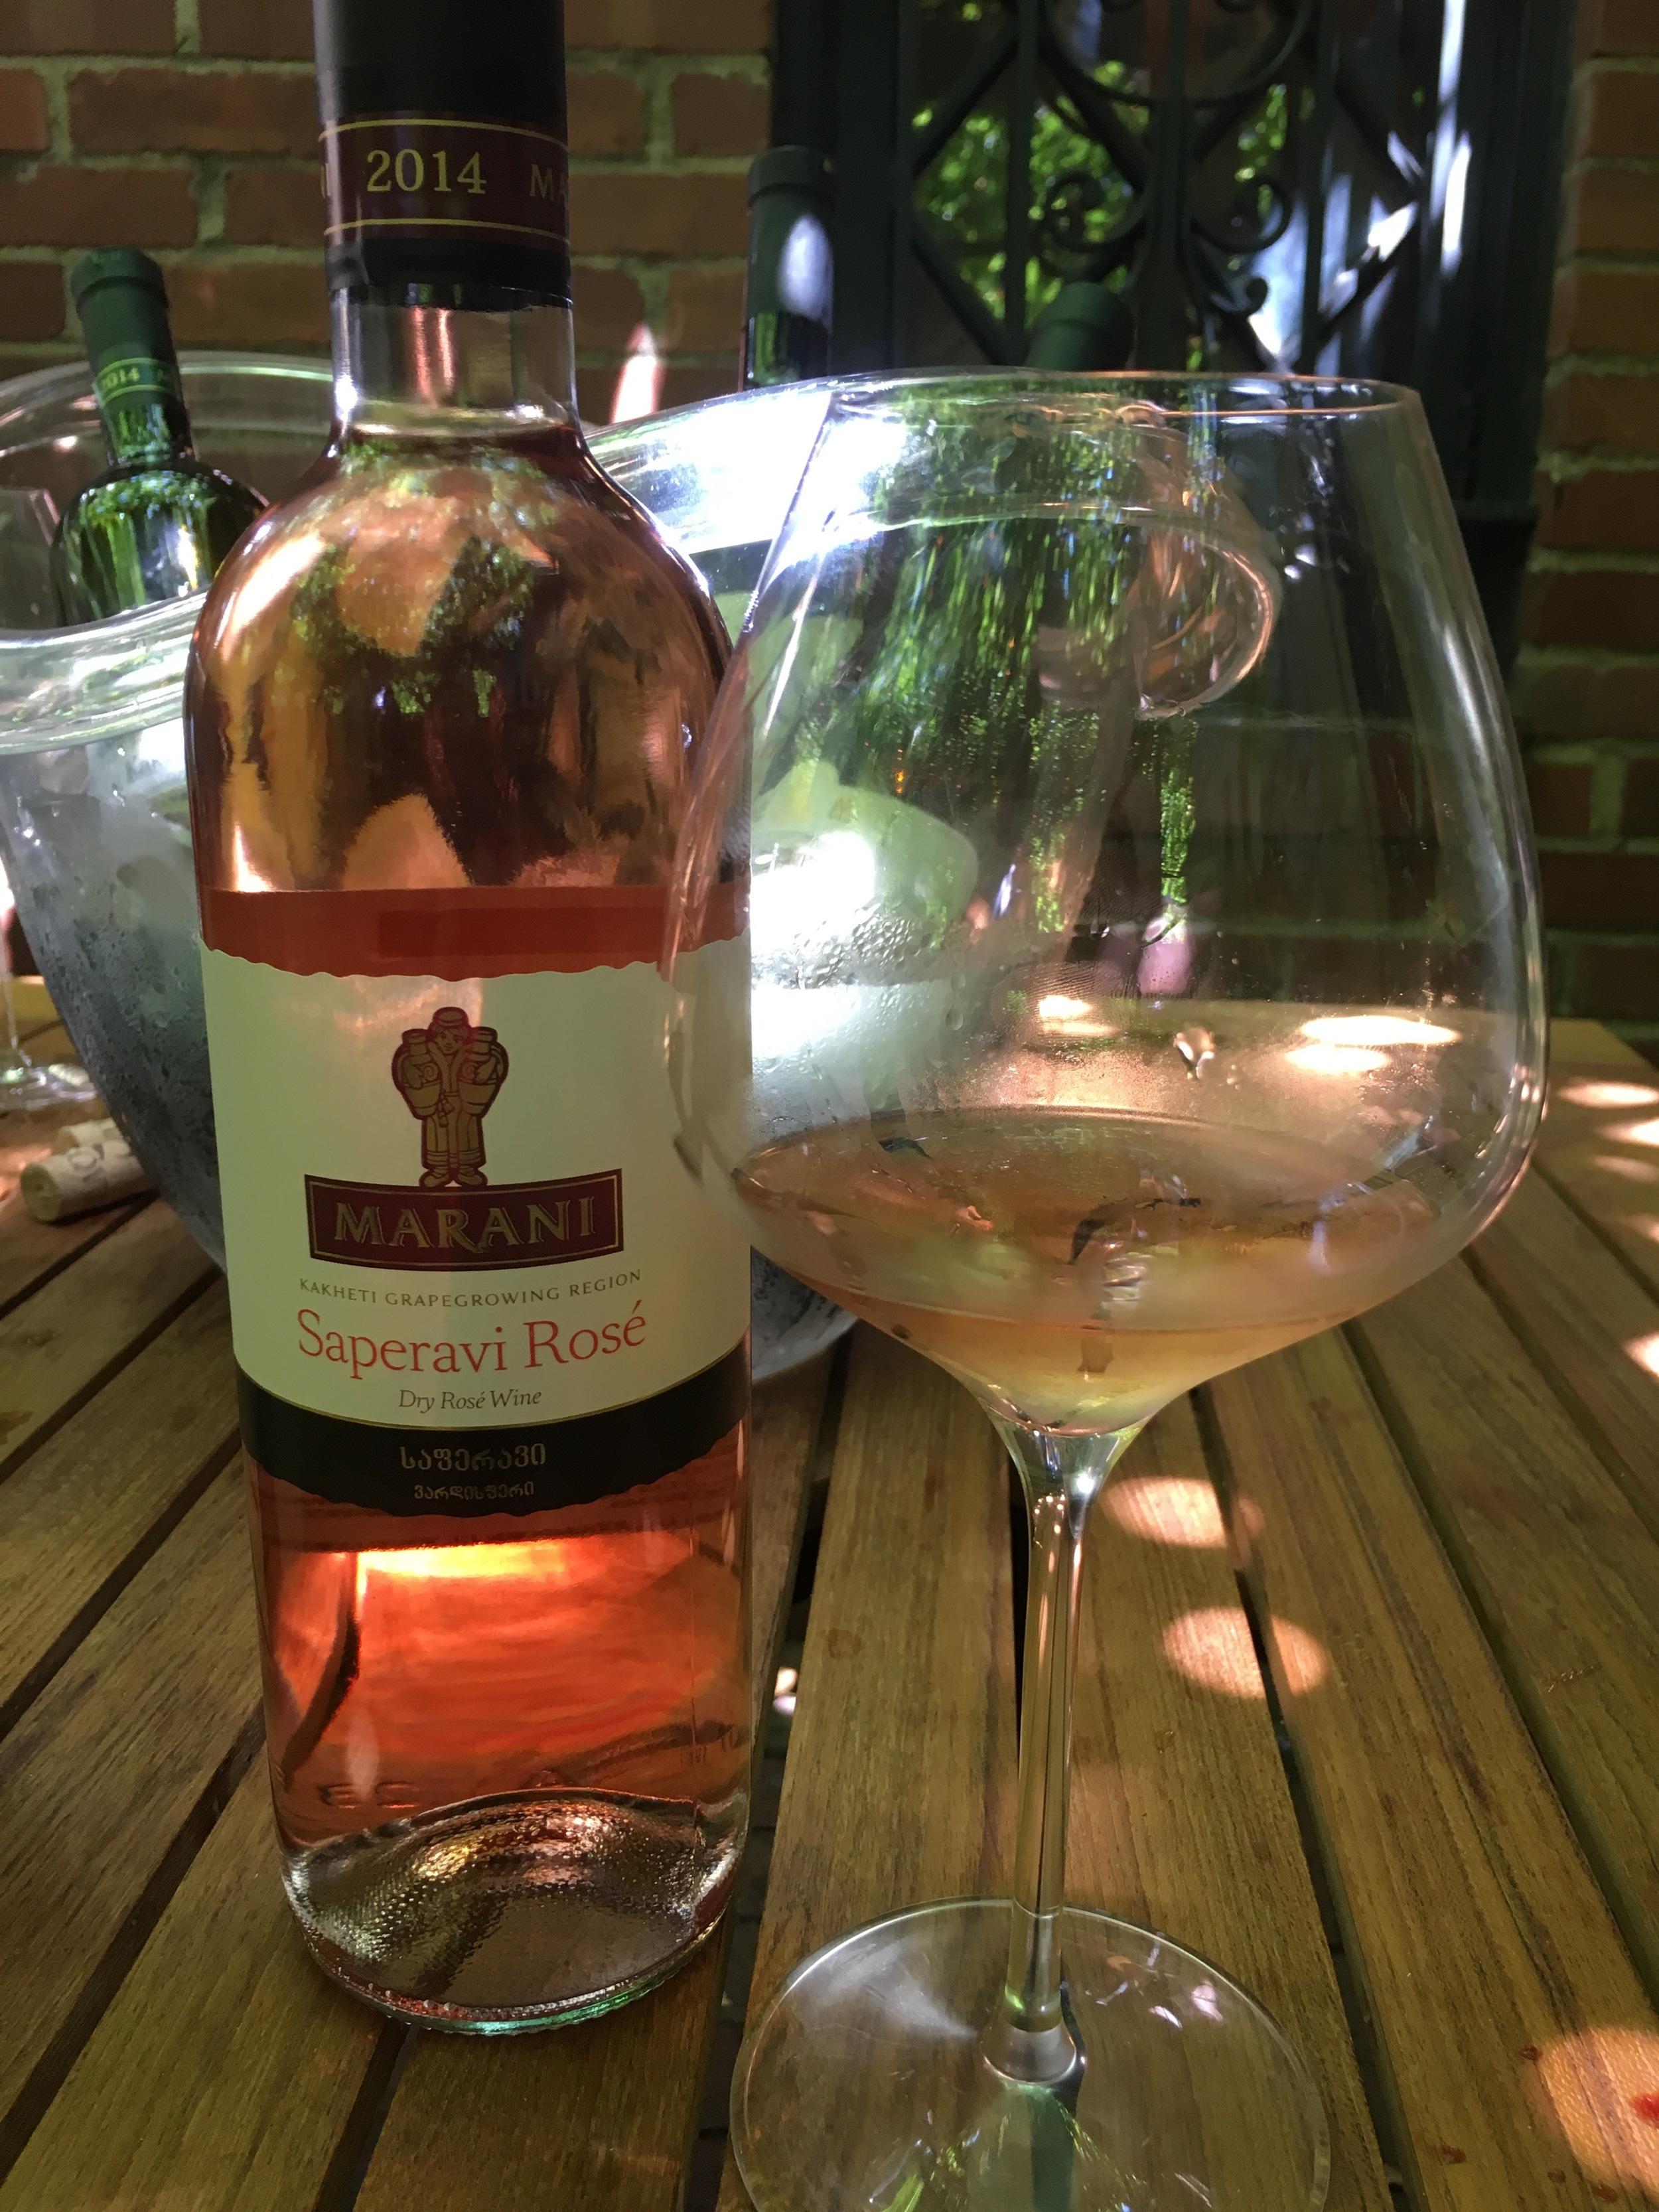 This rosé was delicious.